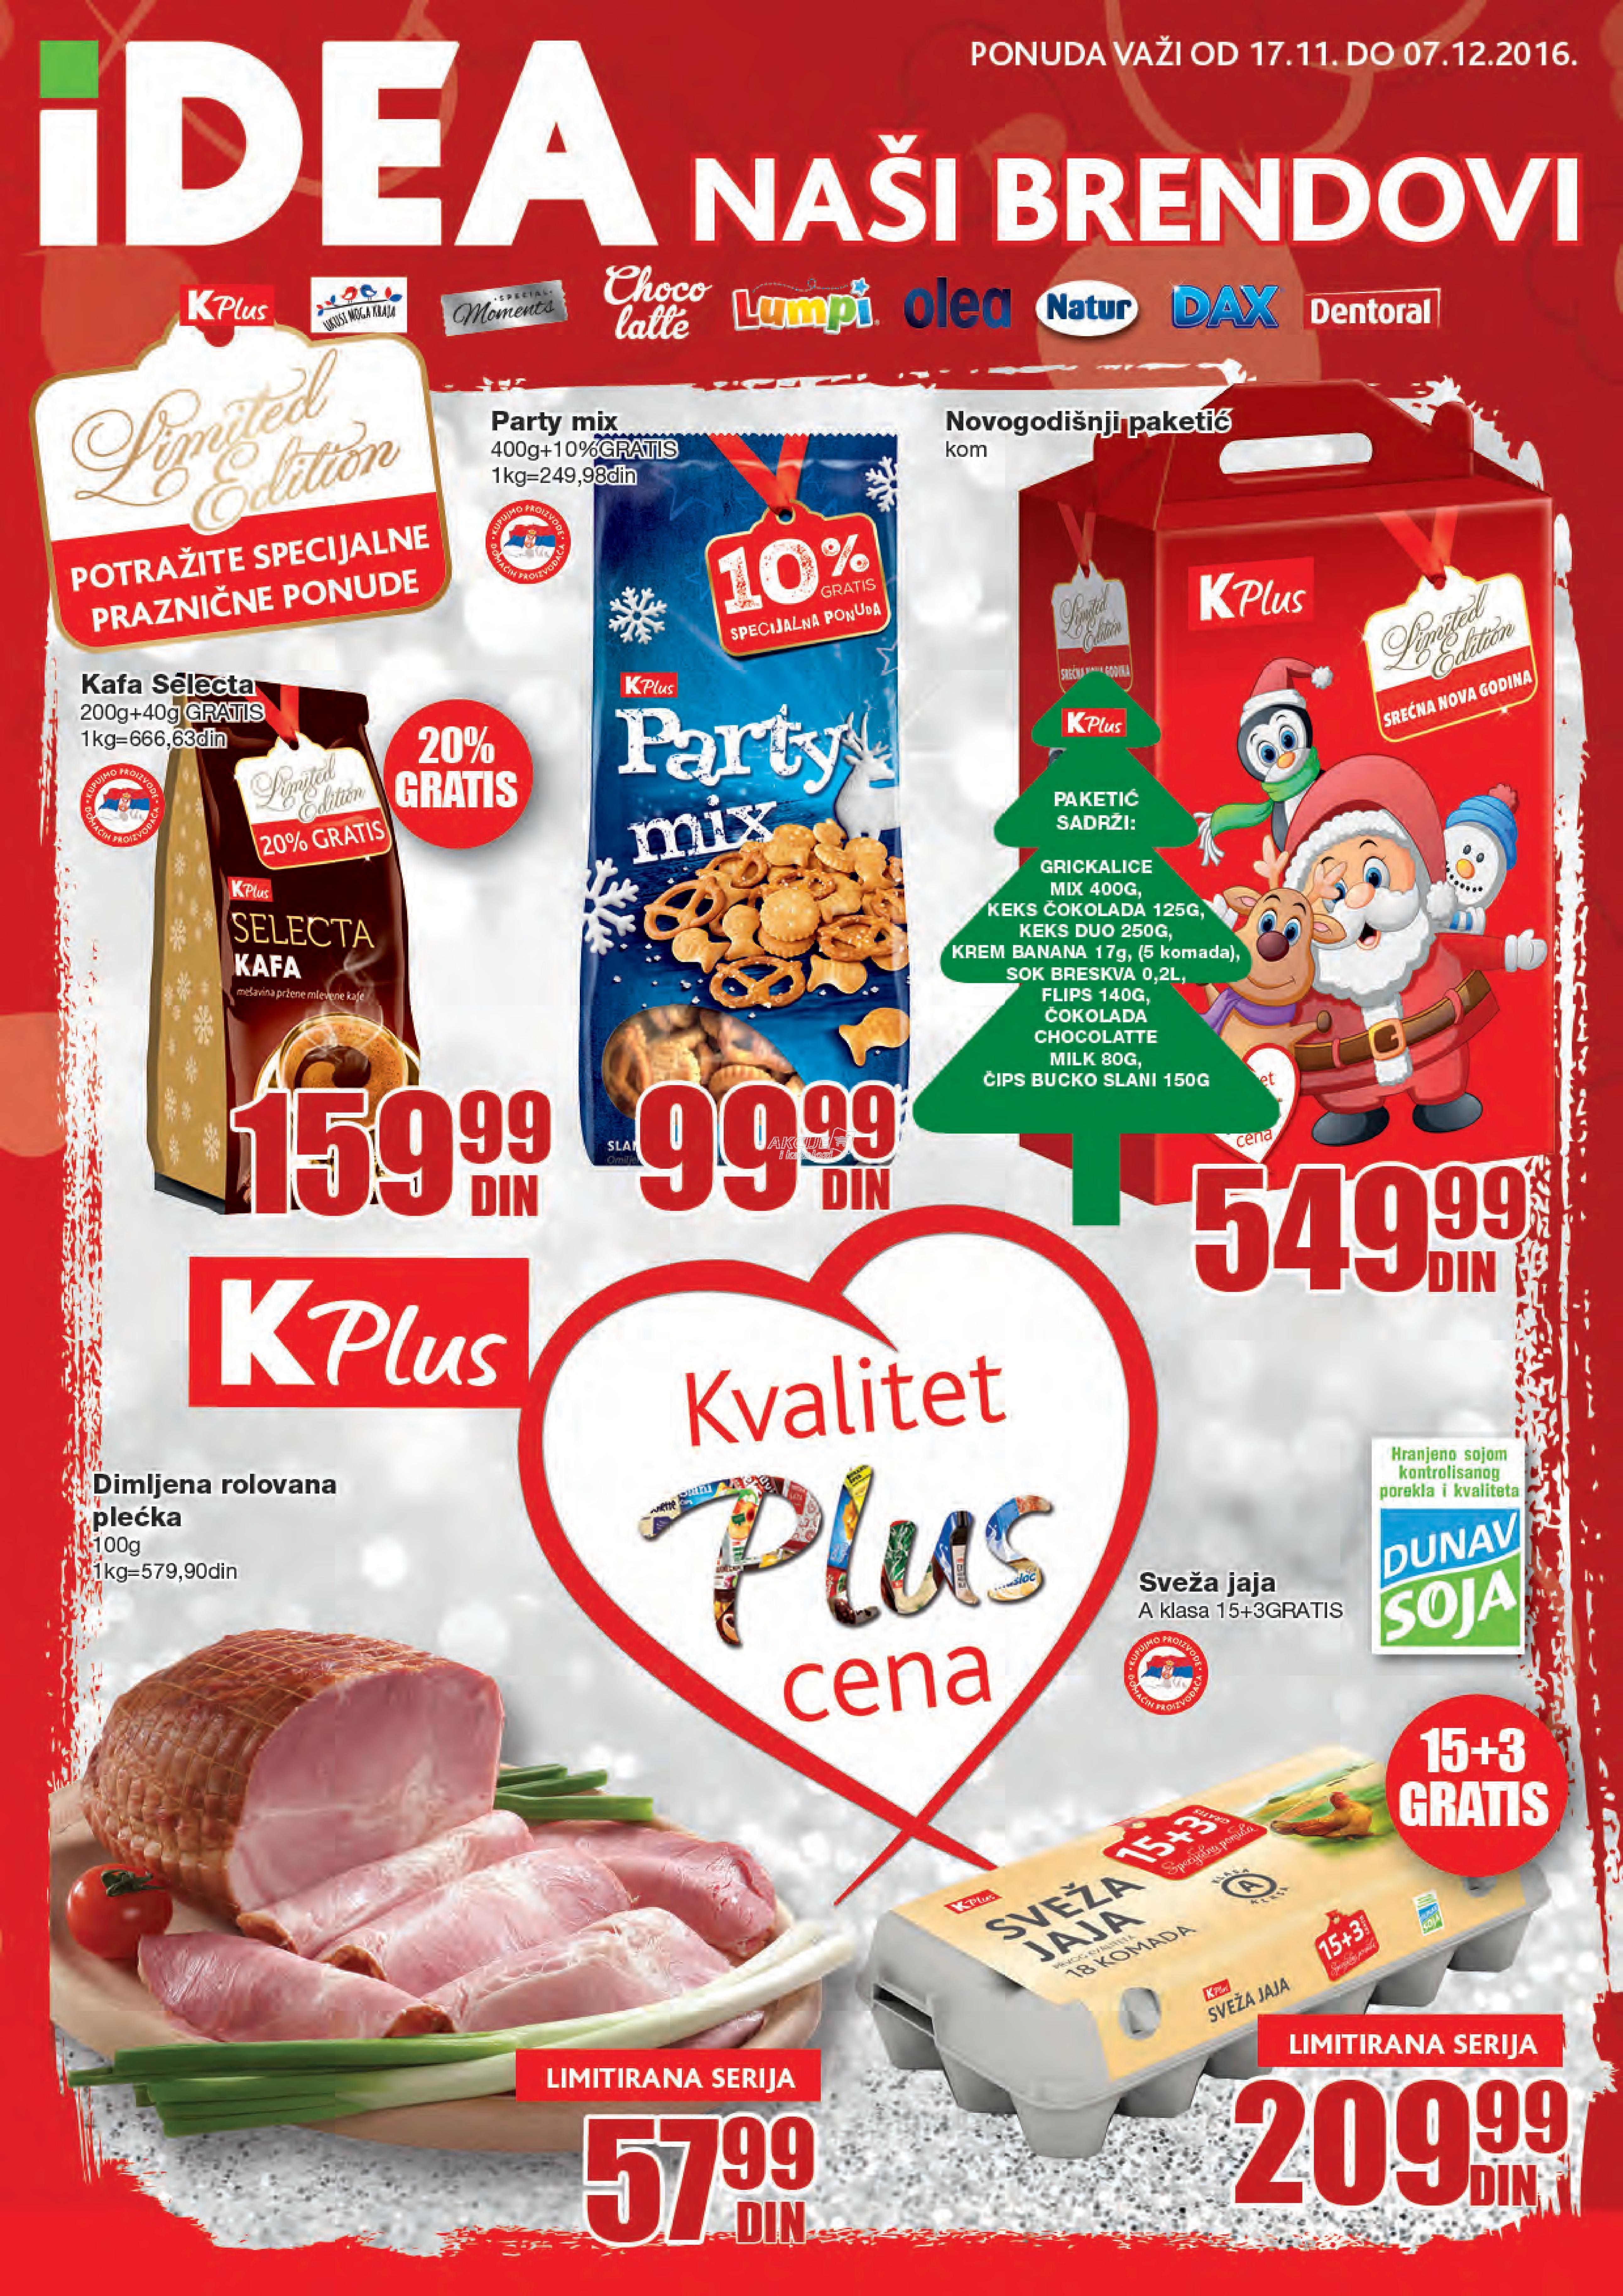 Idea - Redovna akcija K Plus proizvoda